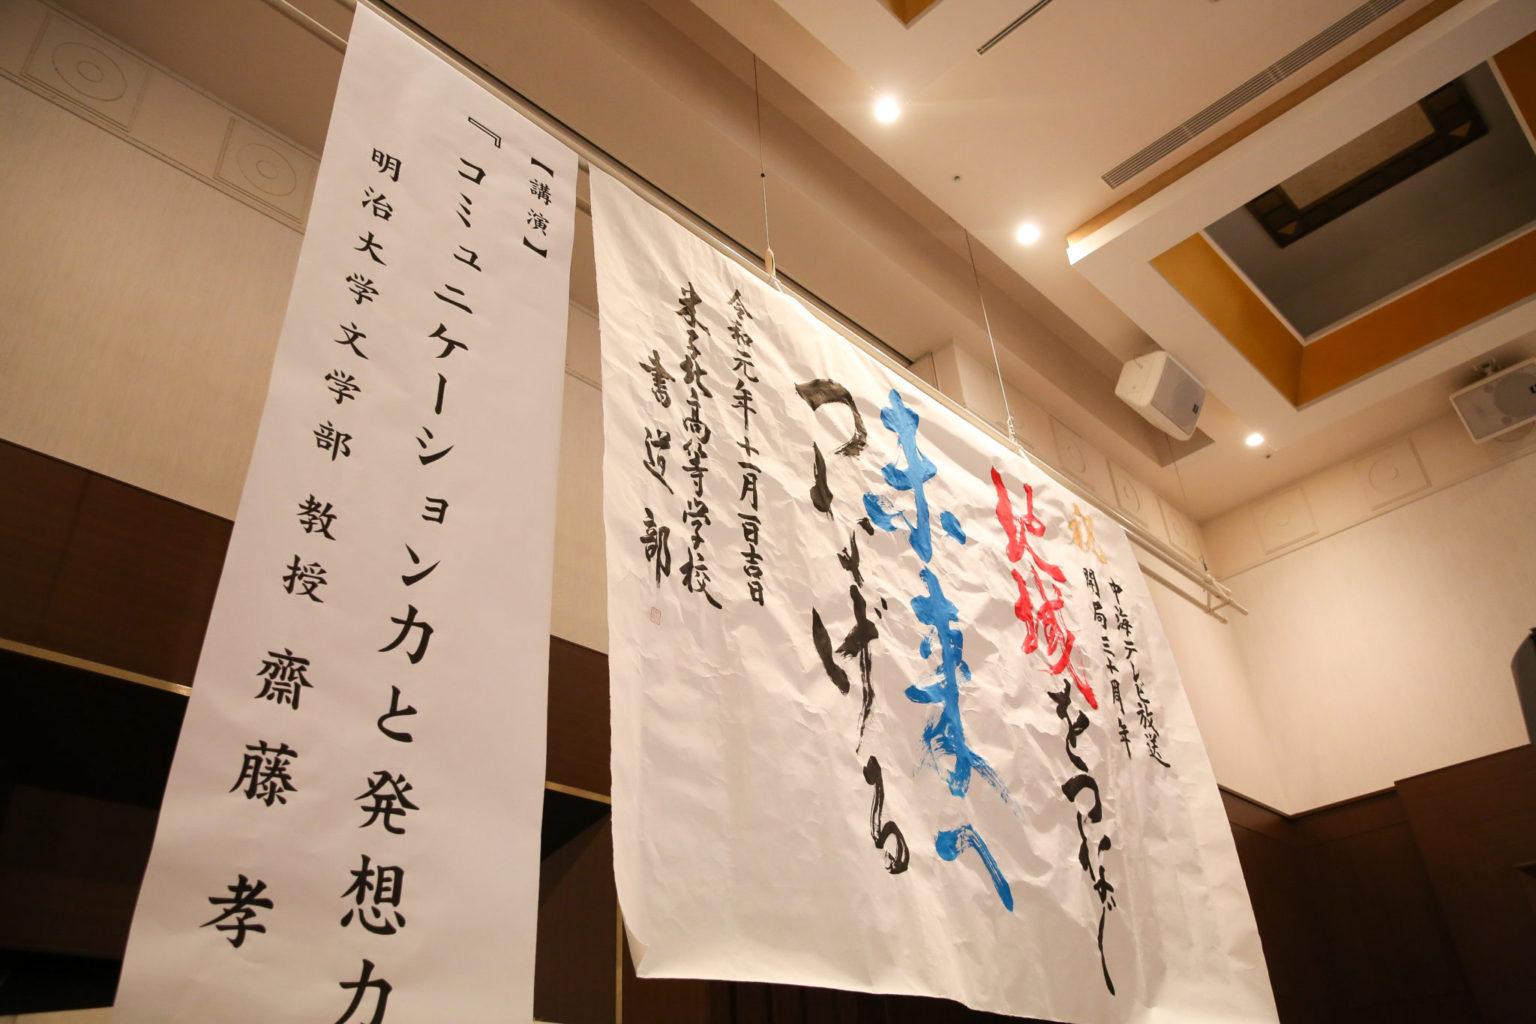 中海テレビ放送開局30周年式典作品揮毫